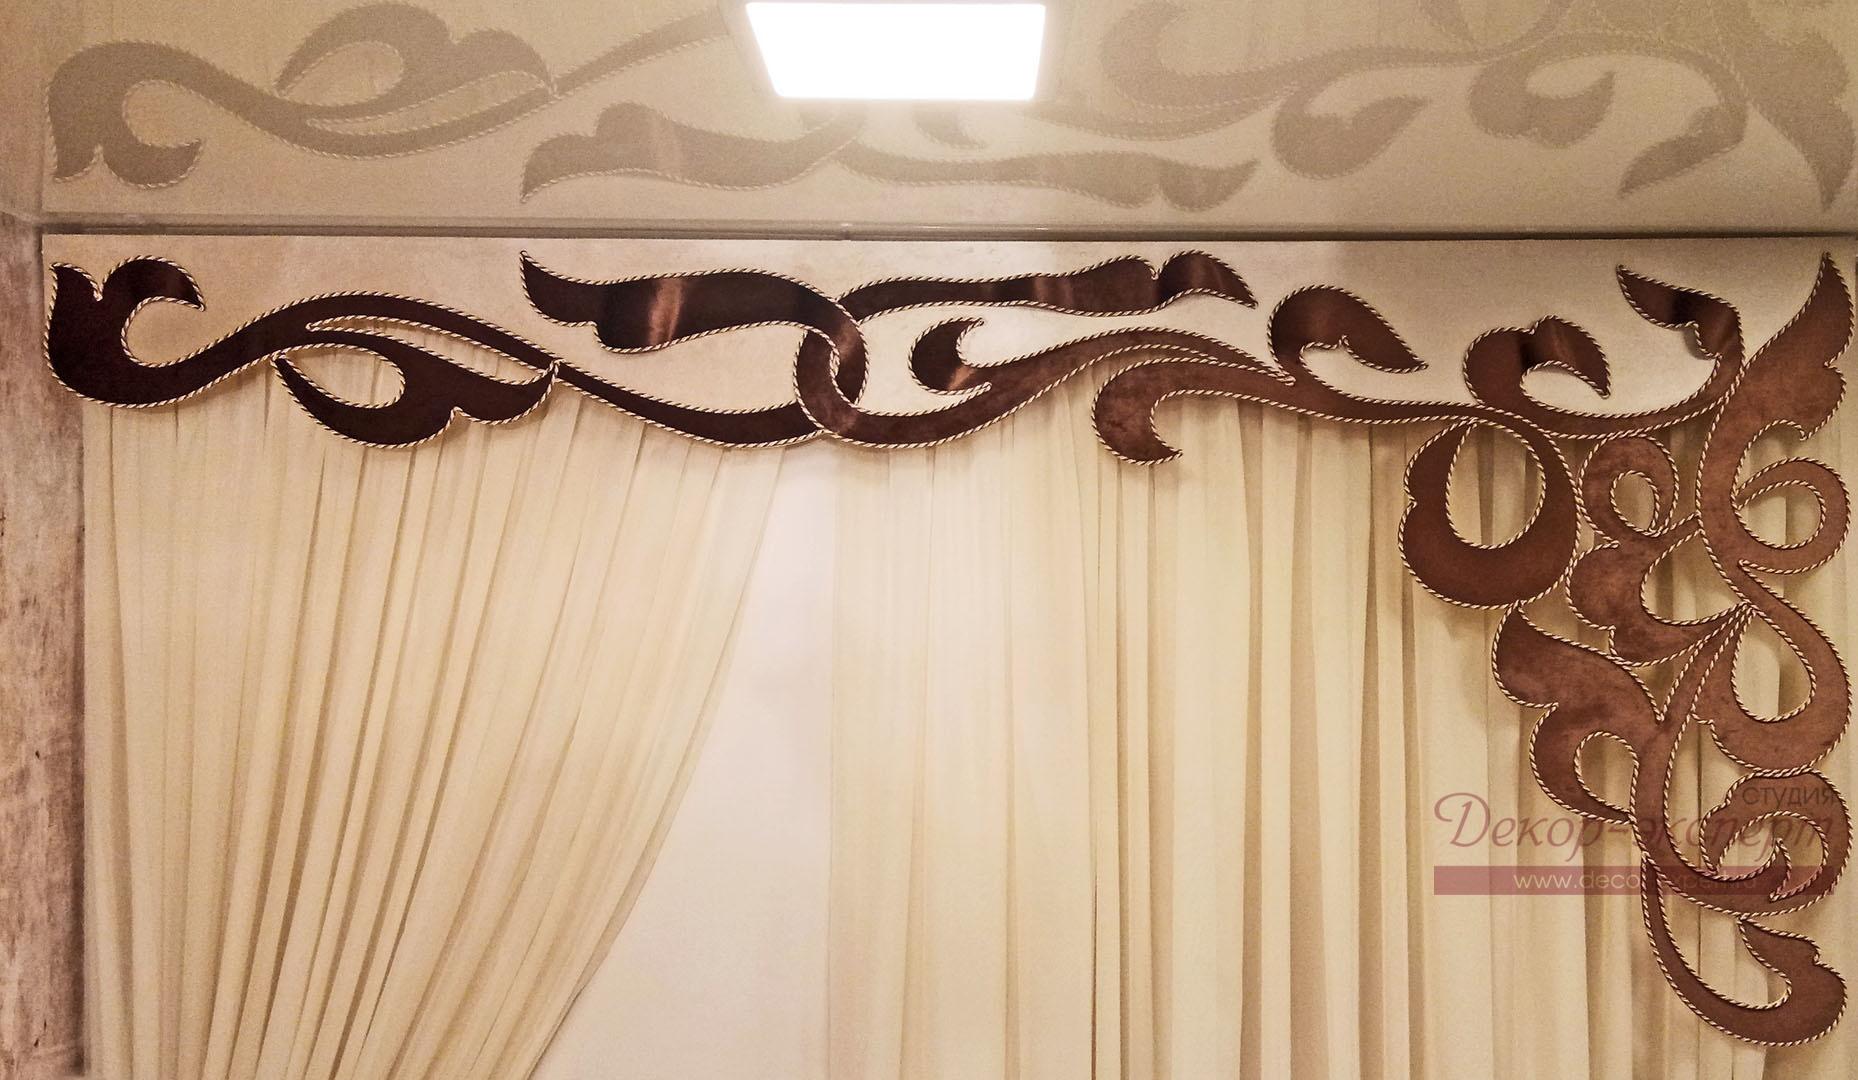 Ажурный ламбрекен с отделкой декоративным шнуром